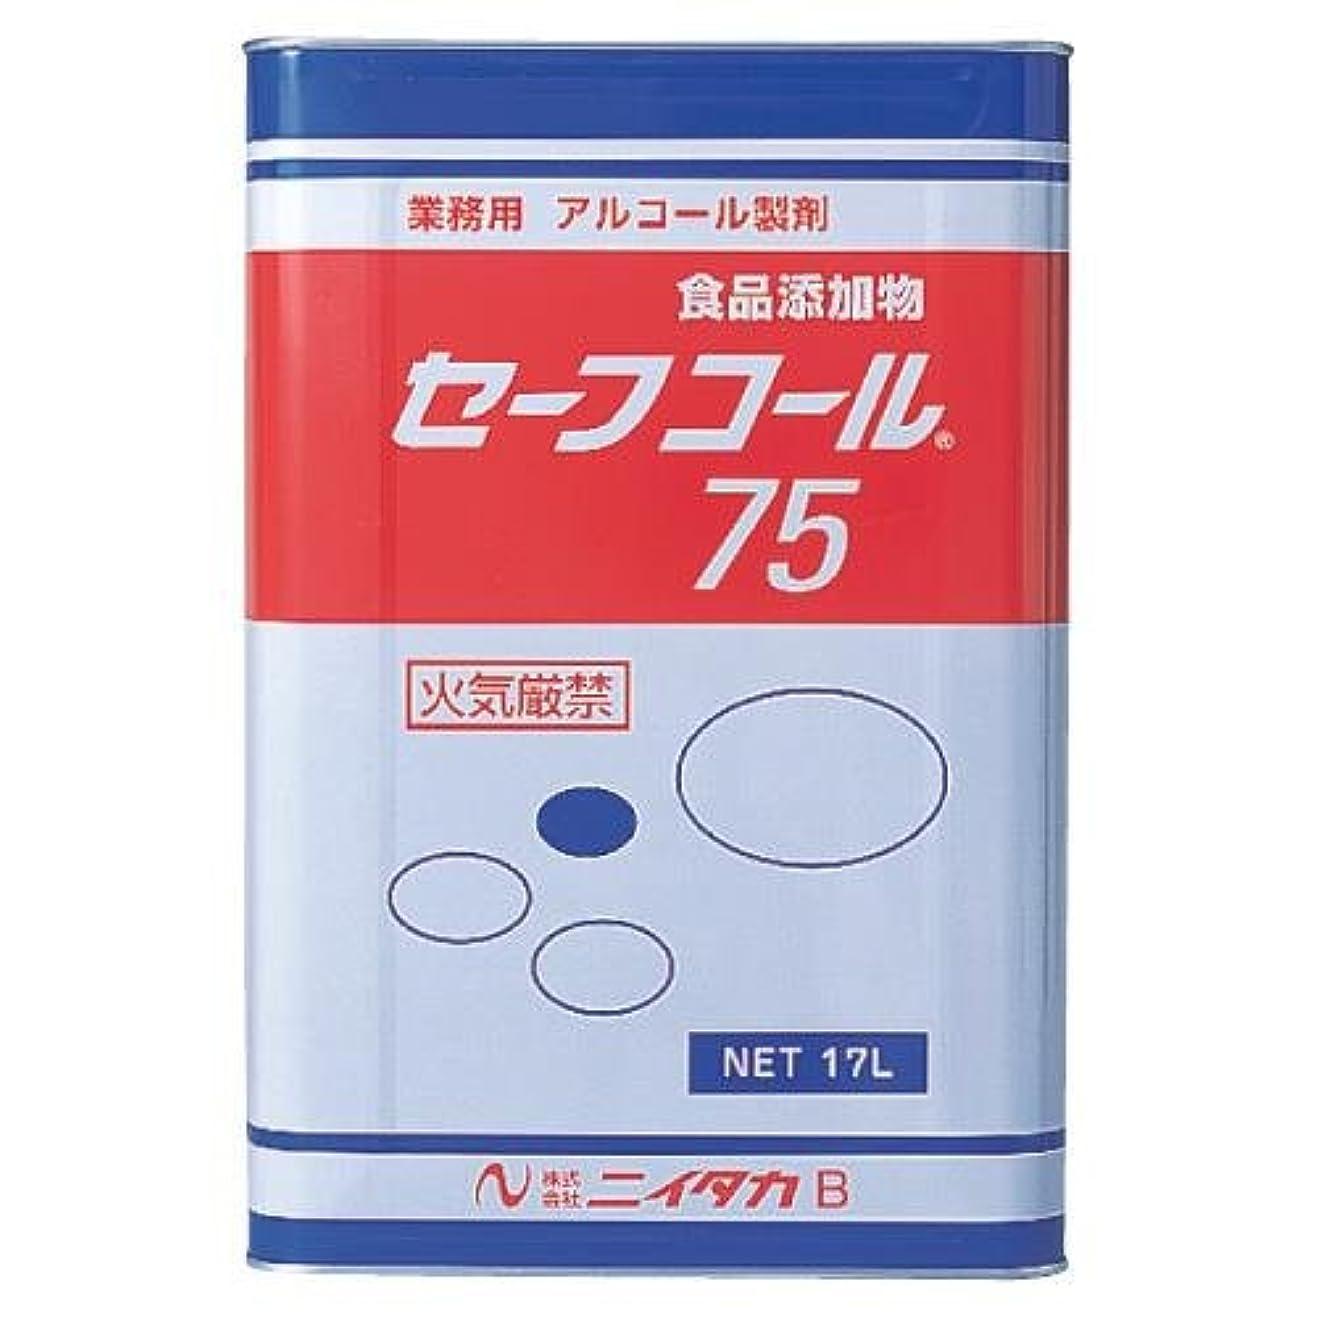 砂利扱いやすい原子ニイタカ:セーフコール75(F-3) 17L 270201